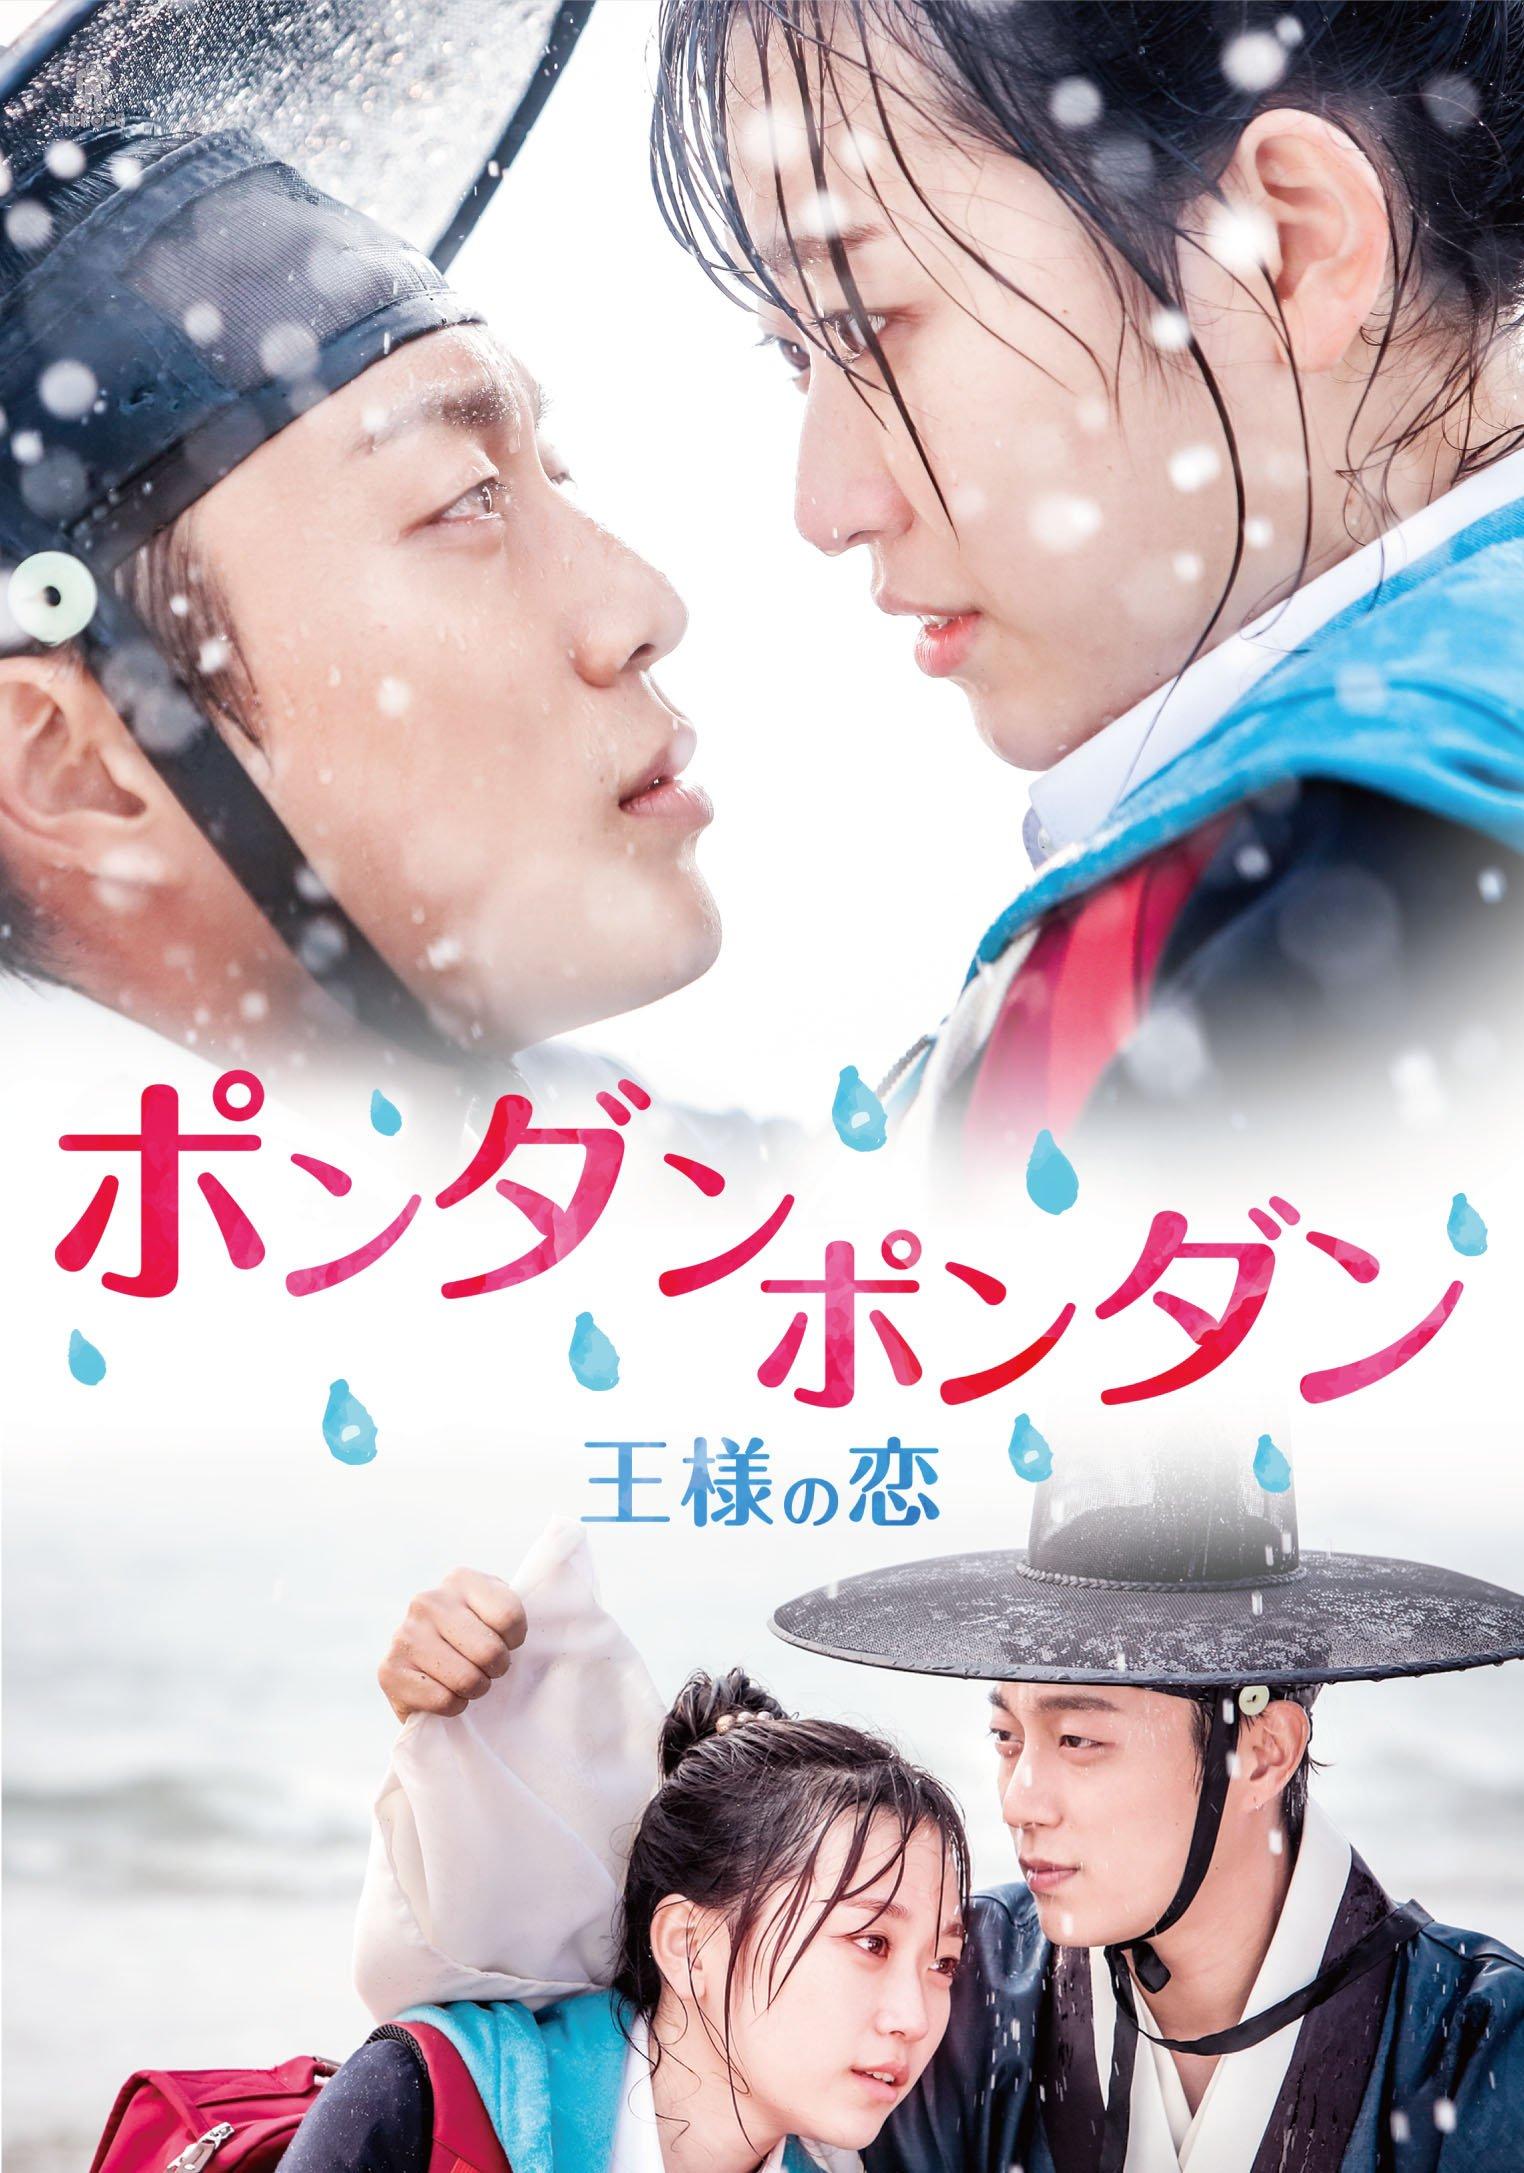 مینی سریال کره ای شالاپ شلوپ